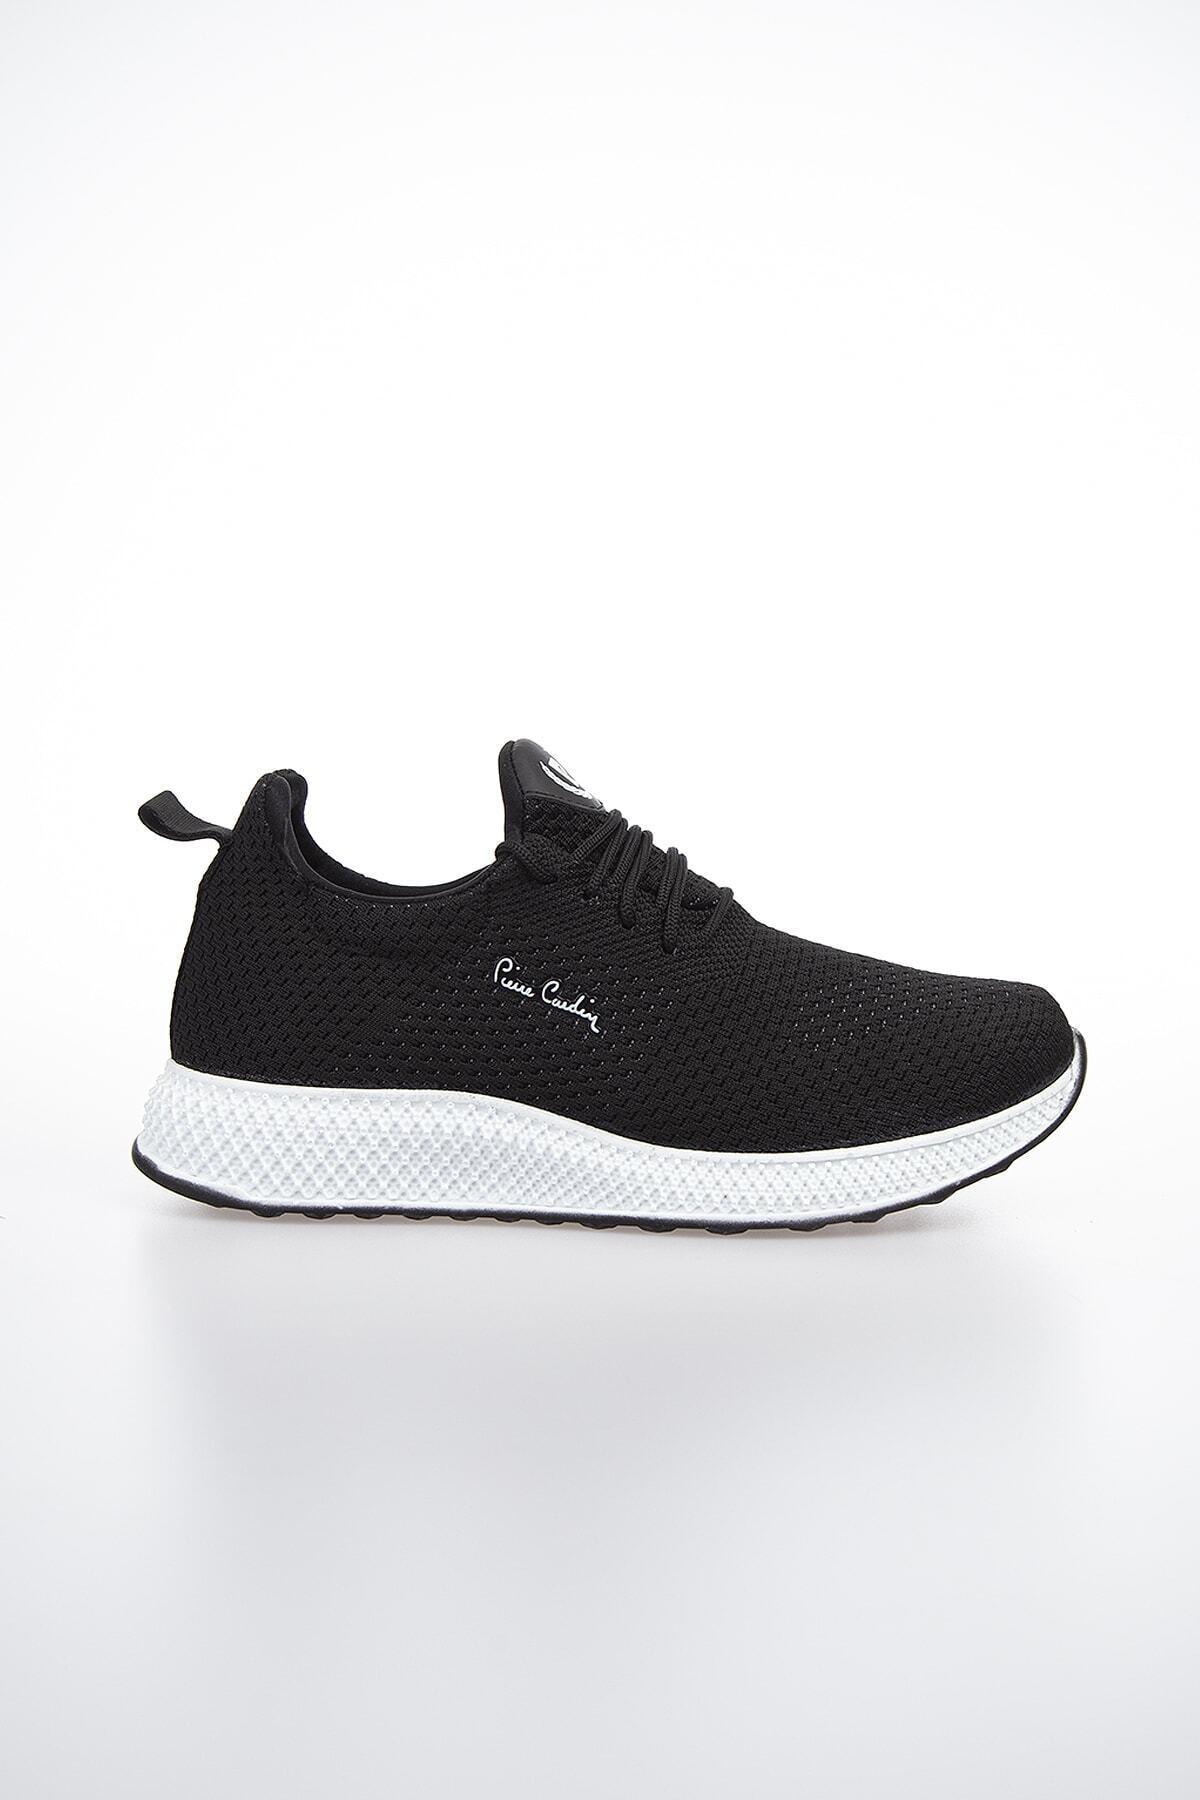 Pierre Cardin Erkek Günlük Spor Ayakkabı-Siyah-Beyaz PCS-10244 1